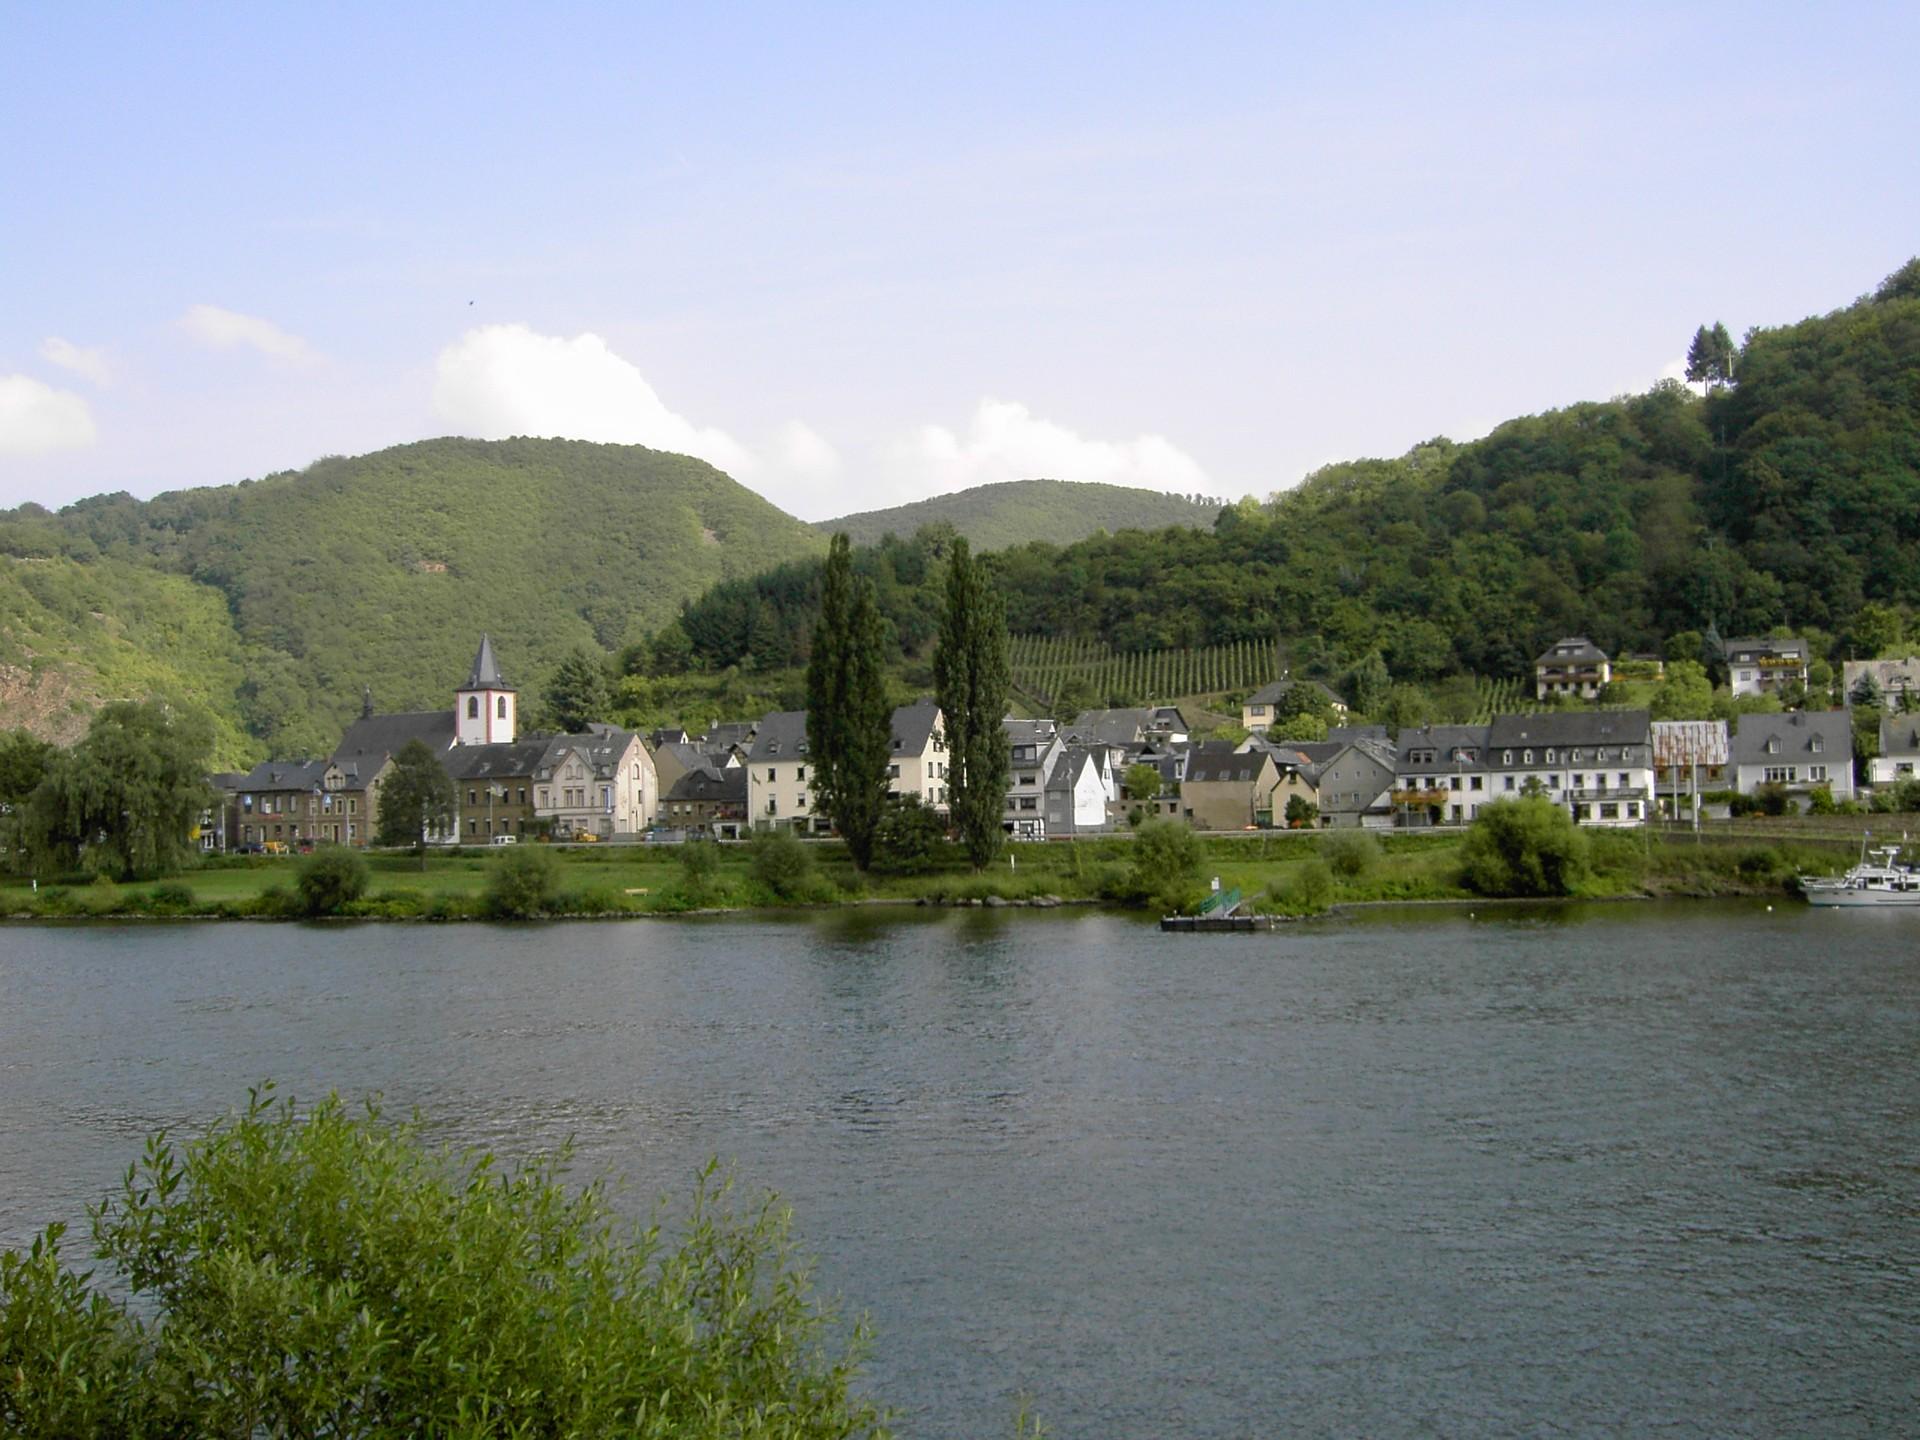 Burgen, Mayen-Koblenz